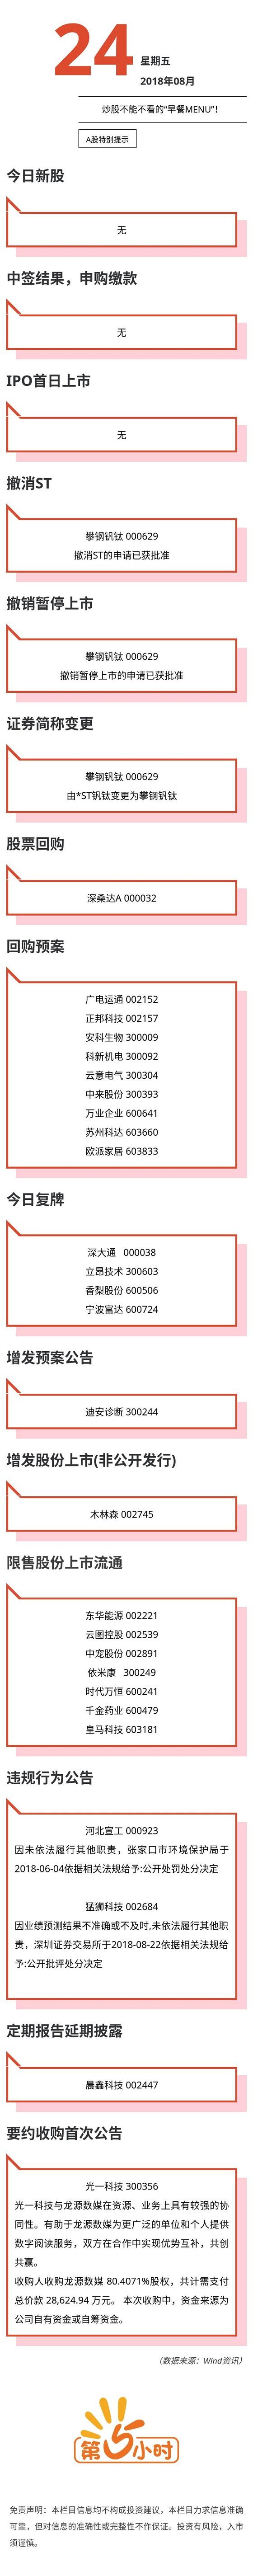 A股特别提示(2018-08-24).jpg